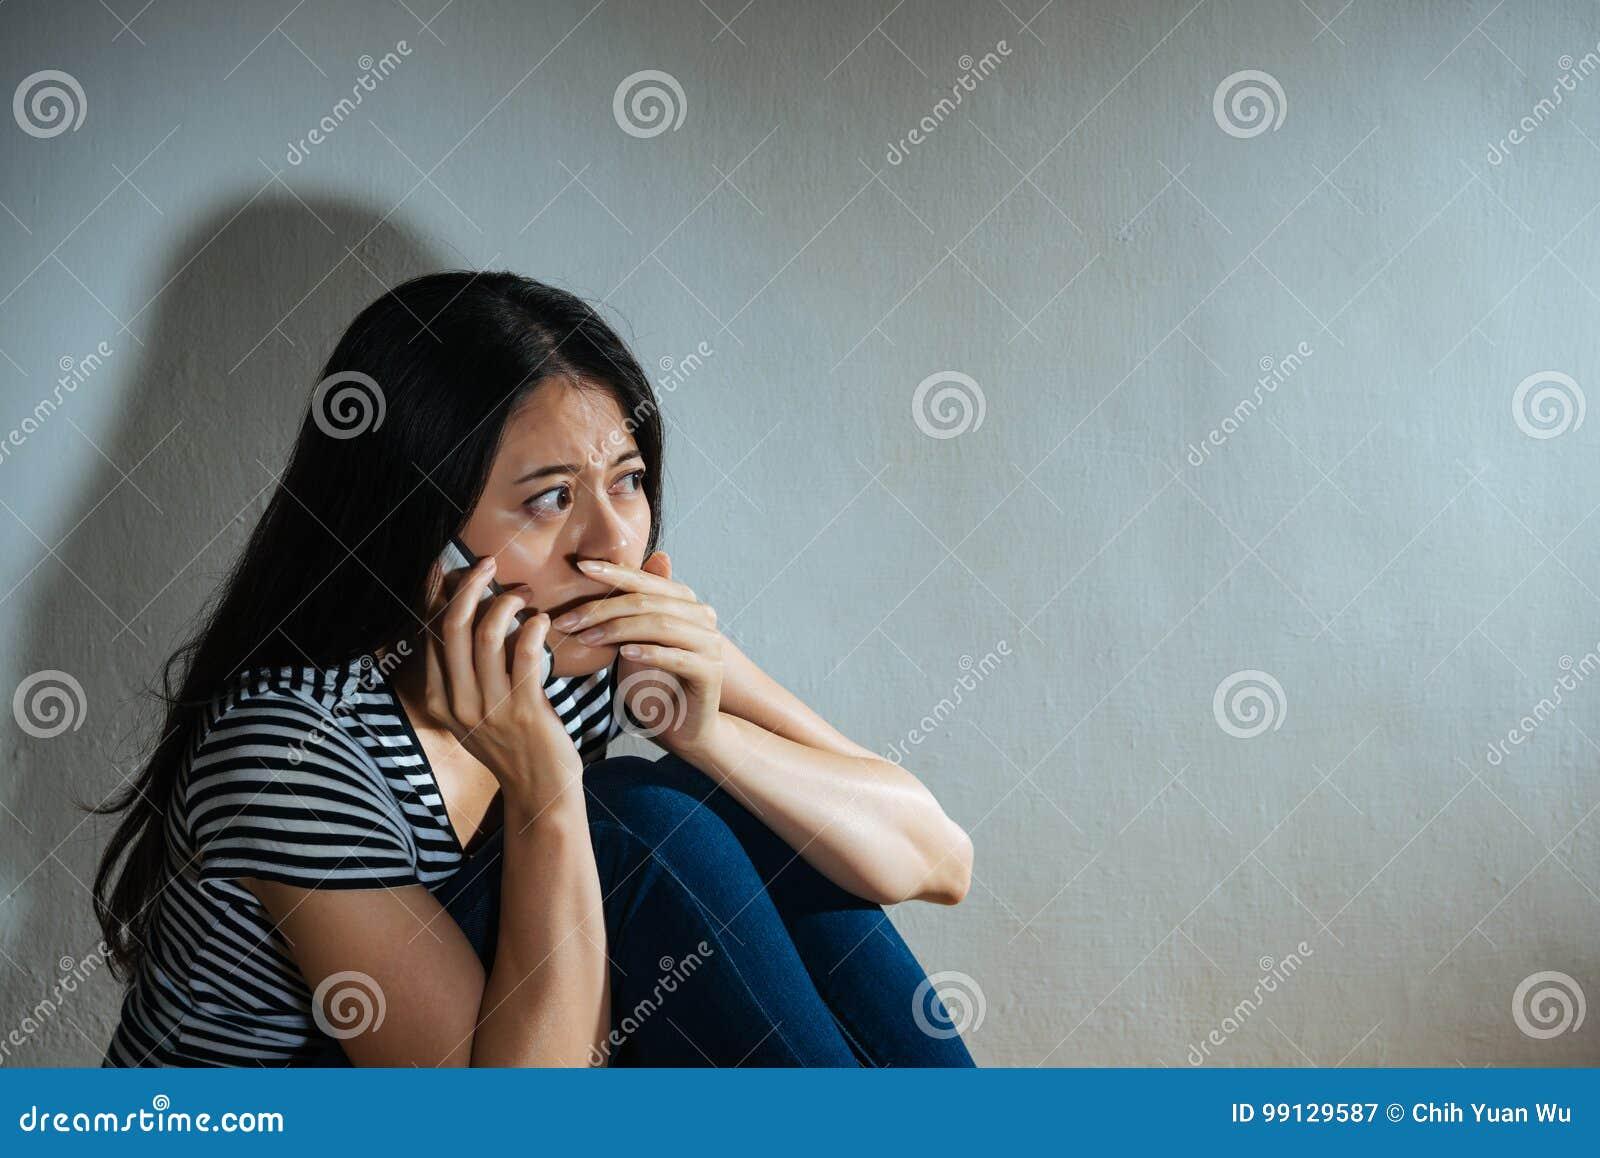 Powyginany nadużywający kobiety pojęcie - smucenie kobieta